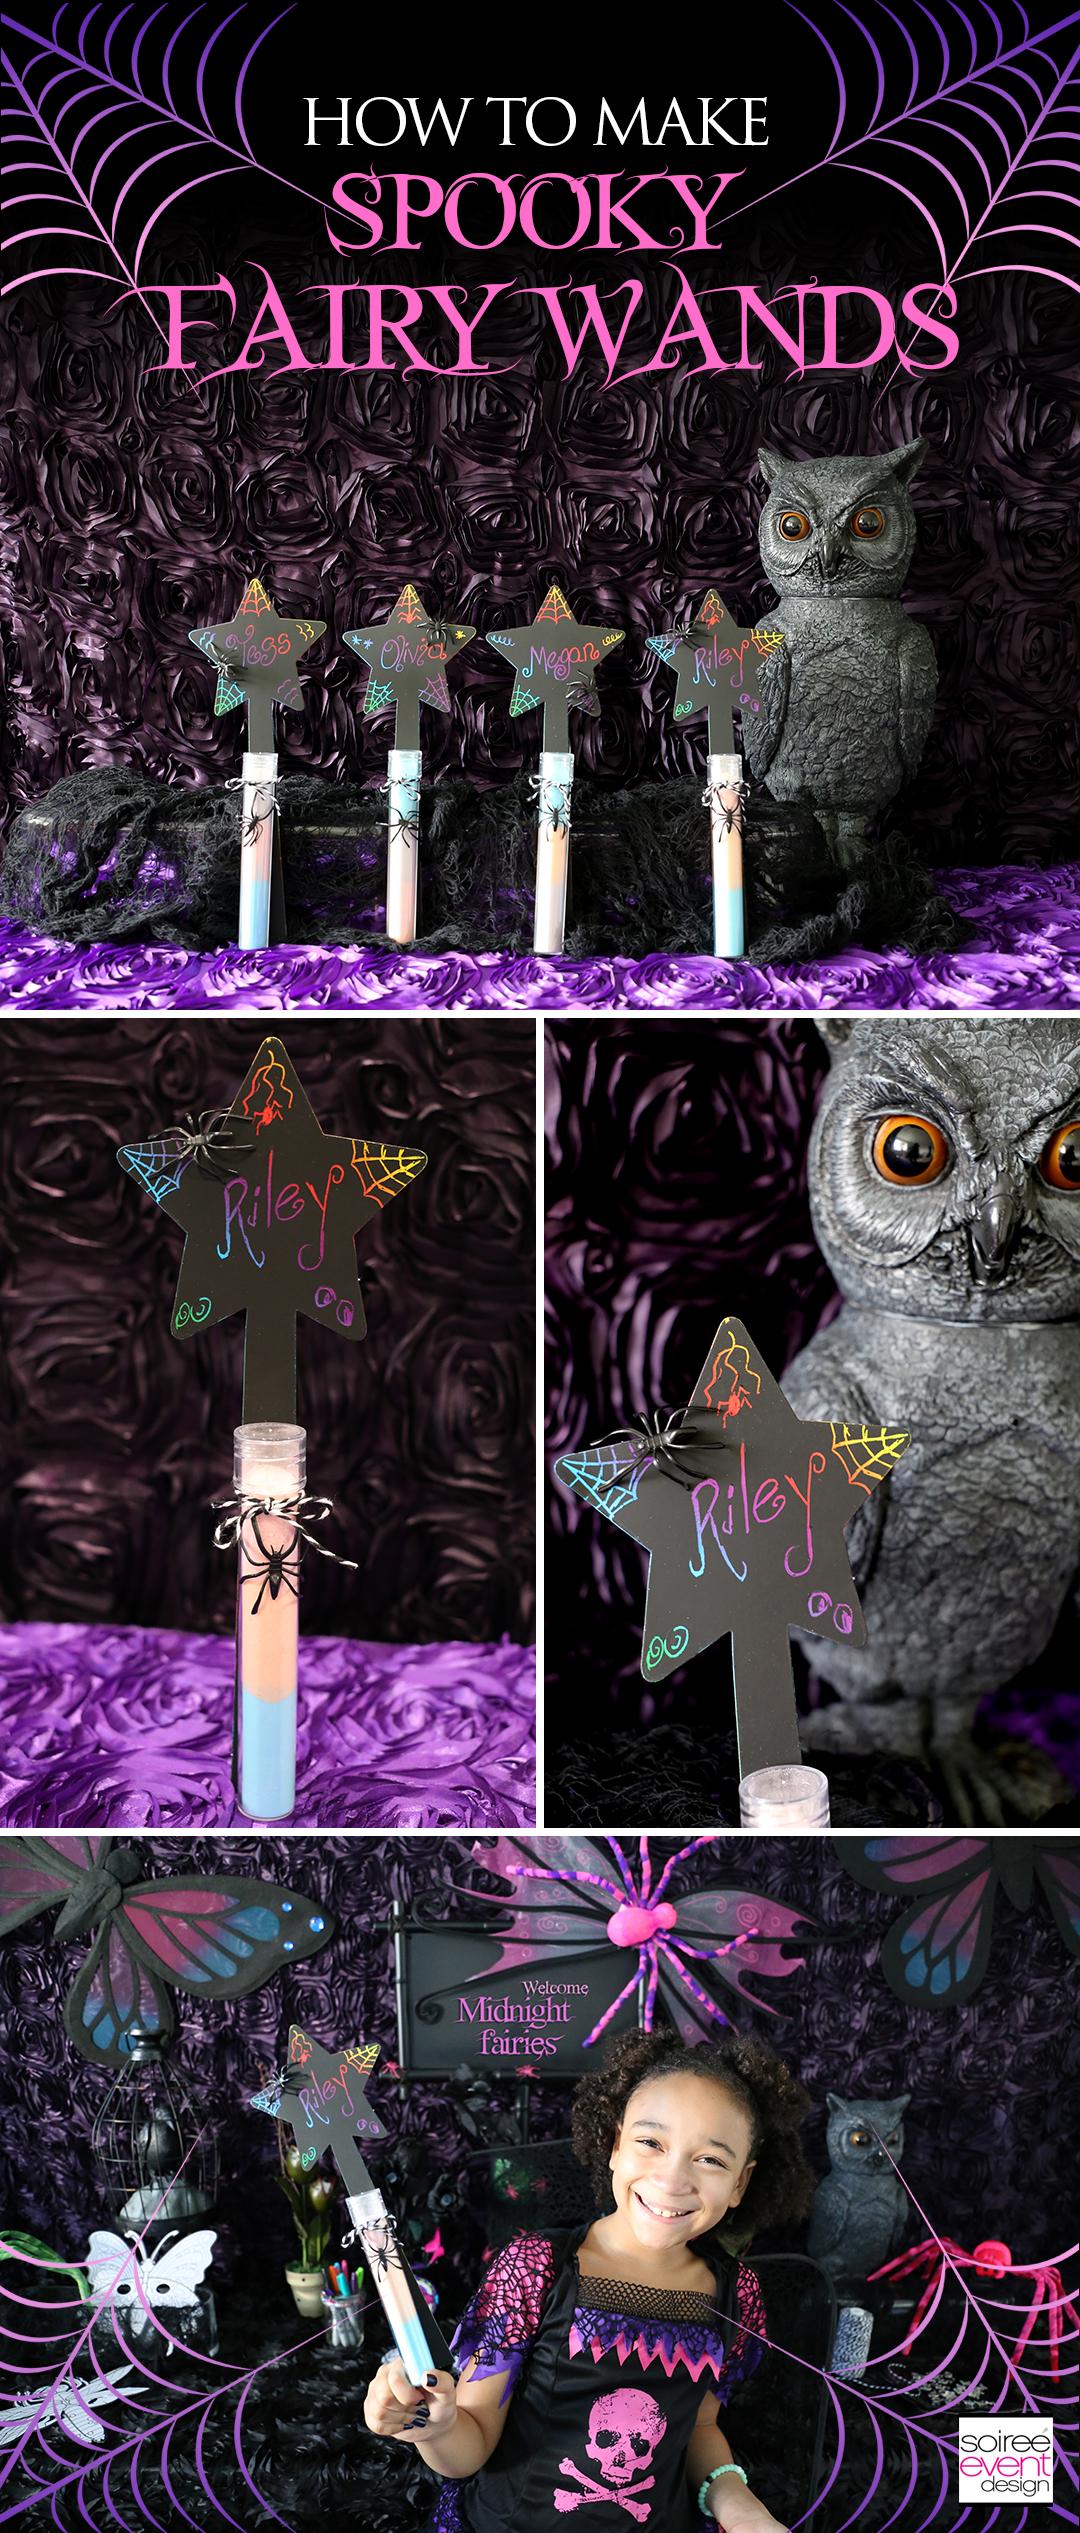 DIY Spooky Fairy Wands